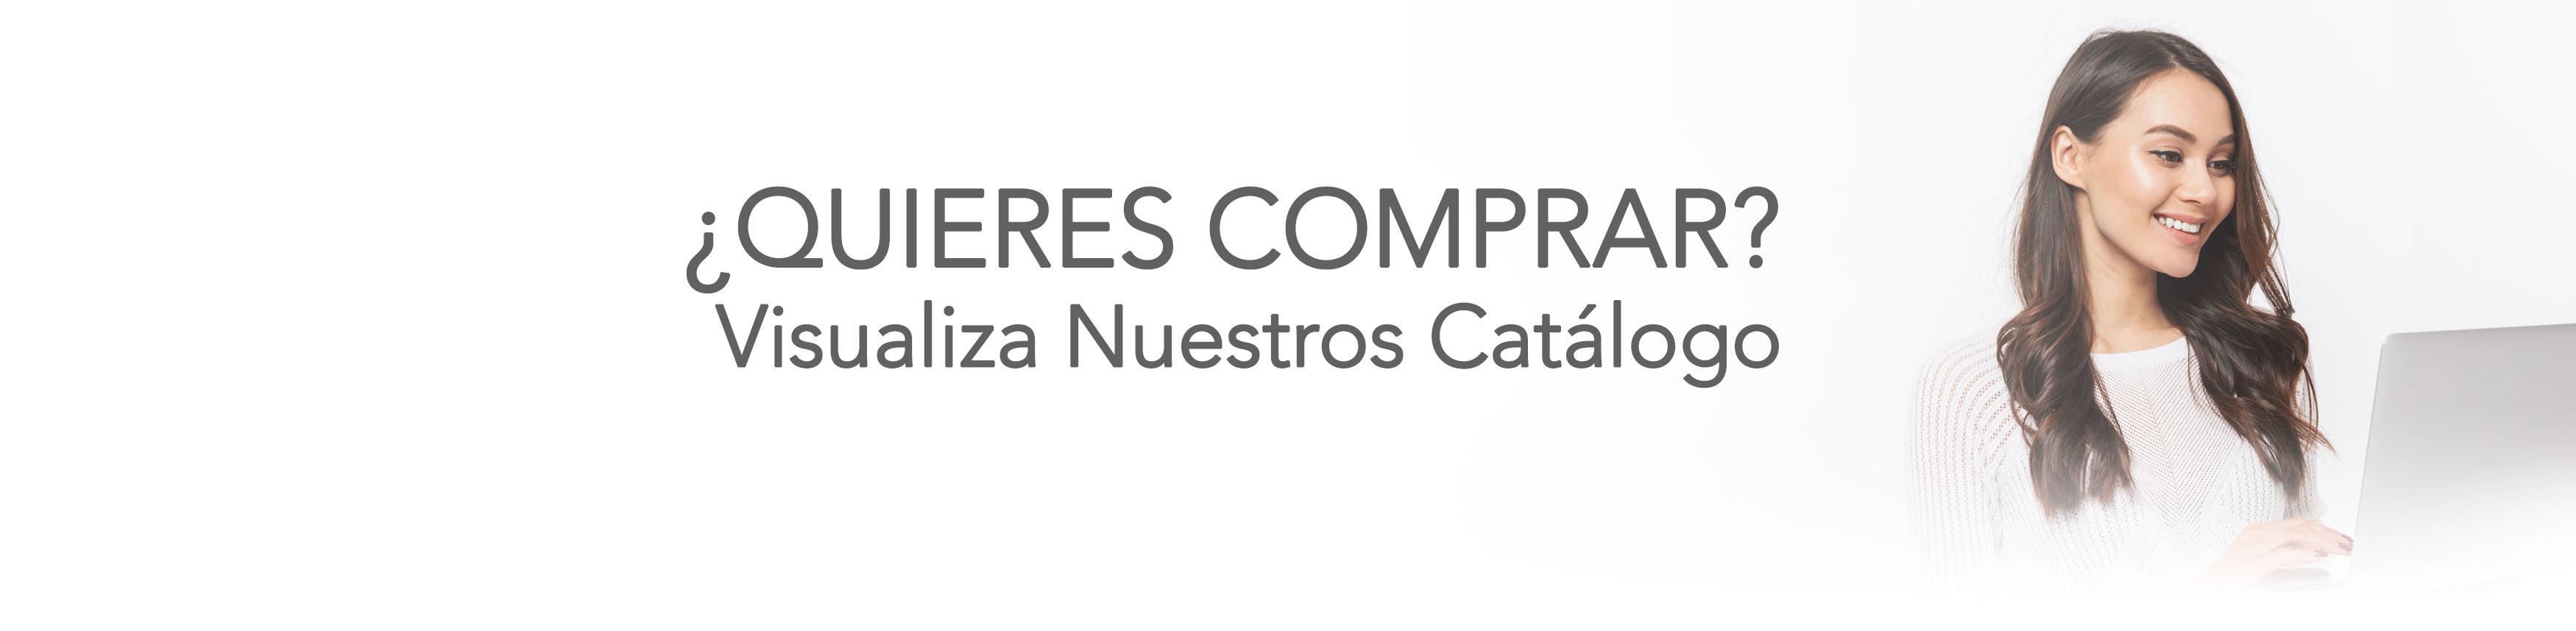 folletos_venta_catalogo_stanhome.png